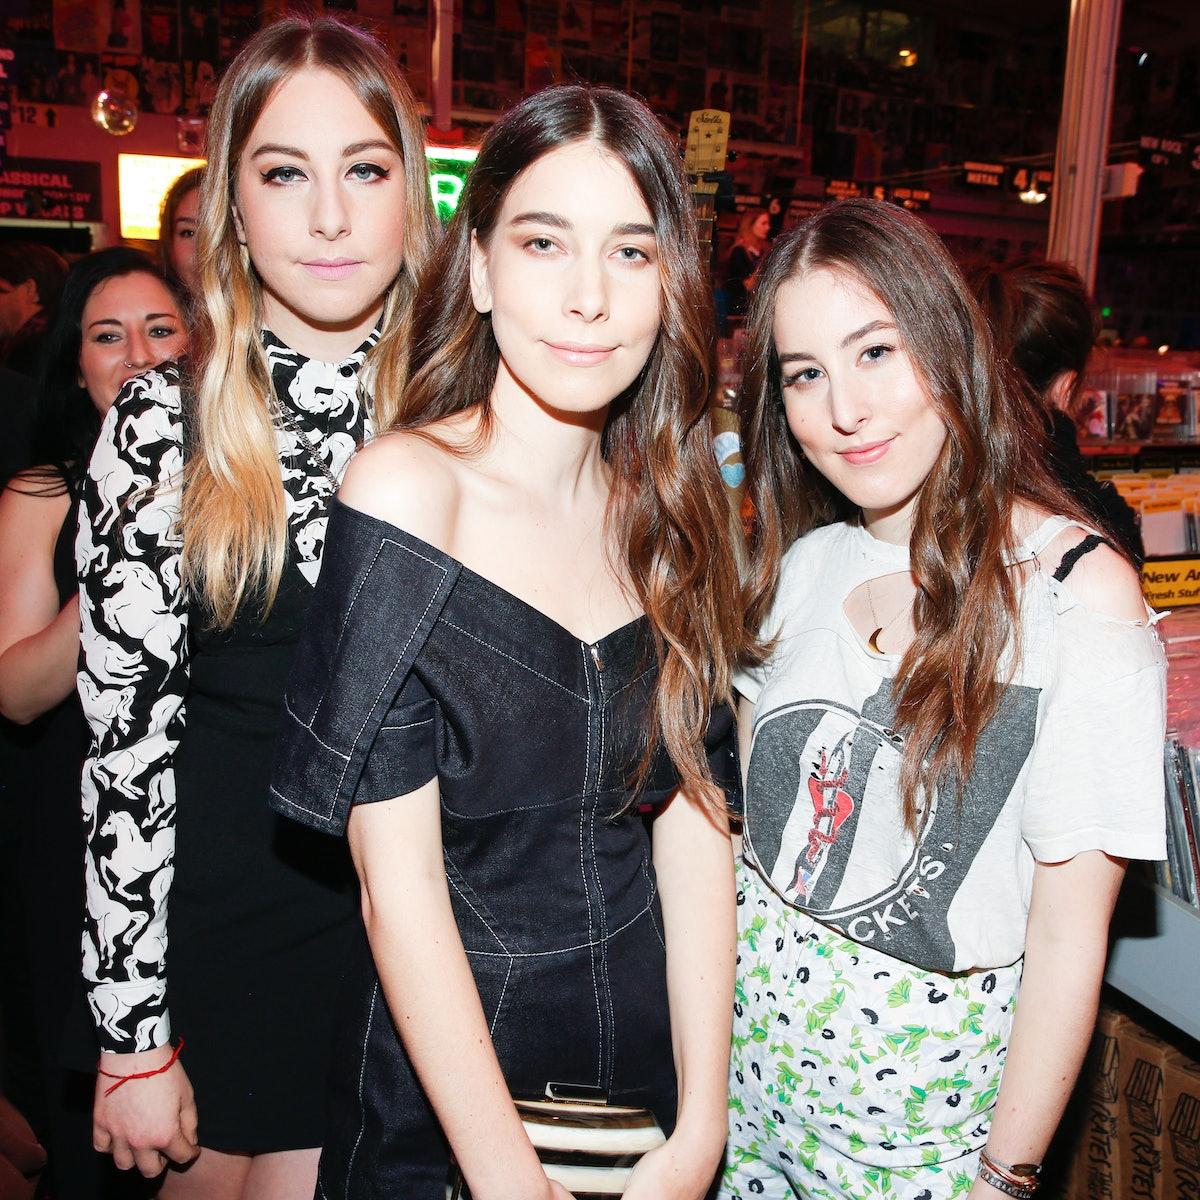 Alana Haim, Danielle Haim, and Este Haim